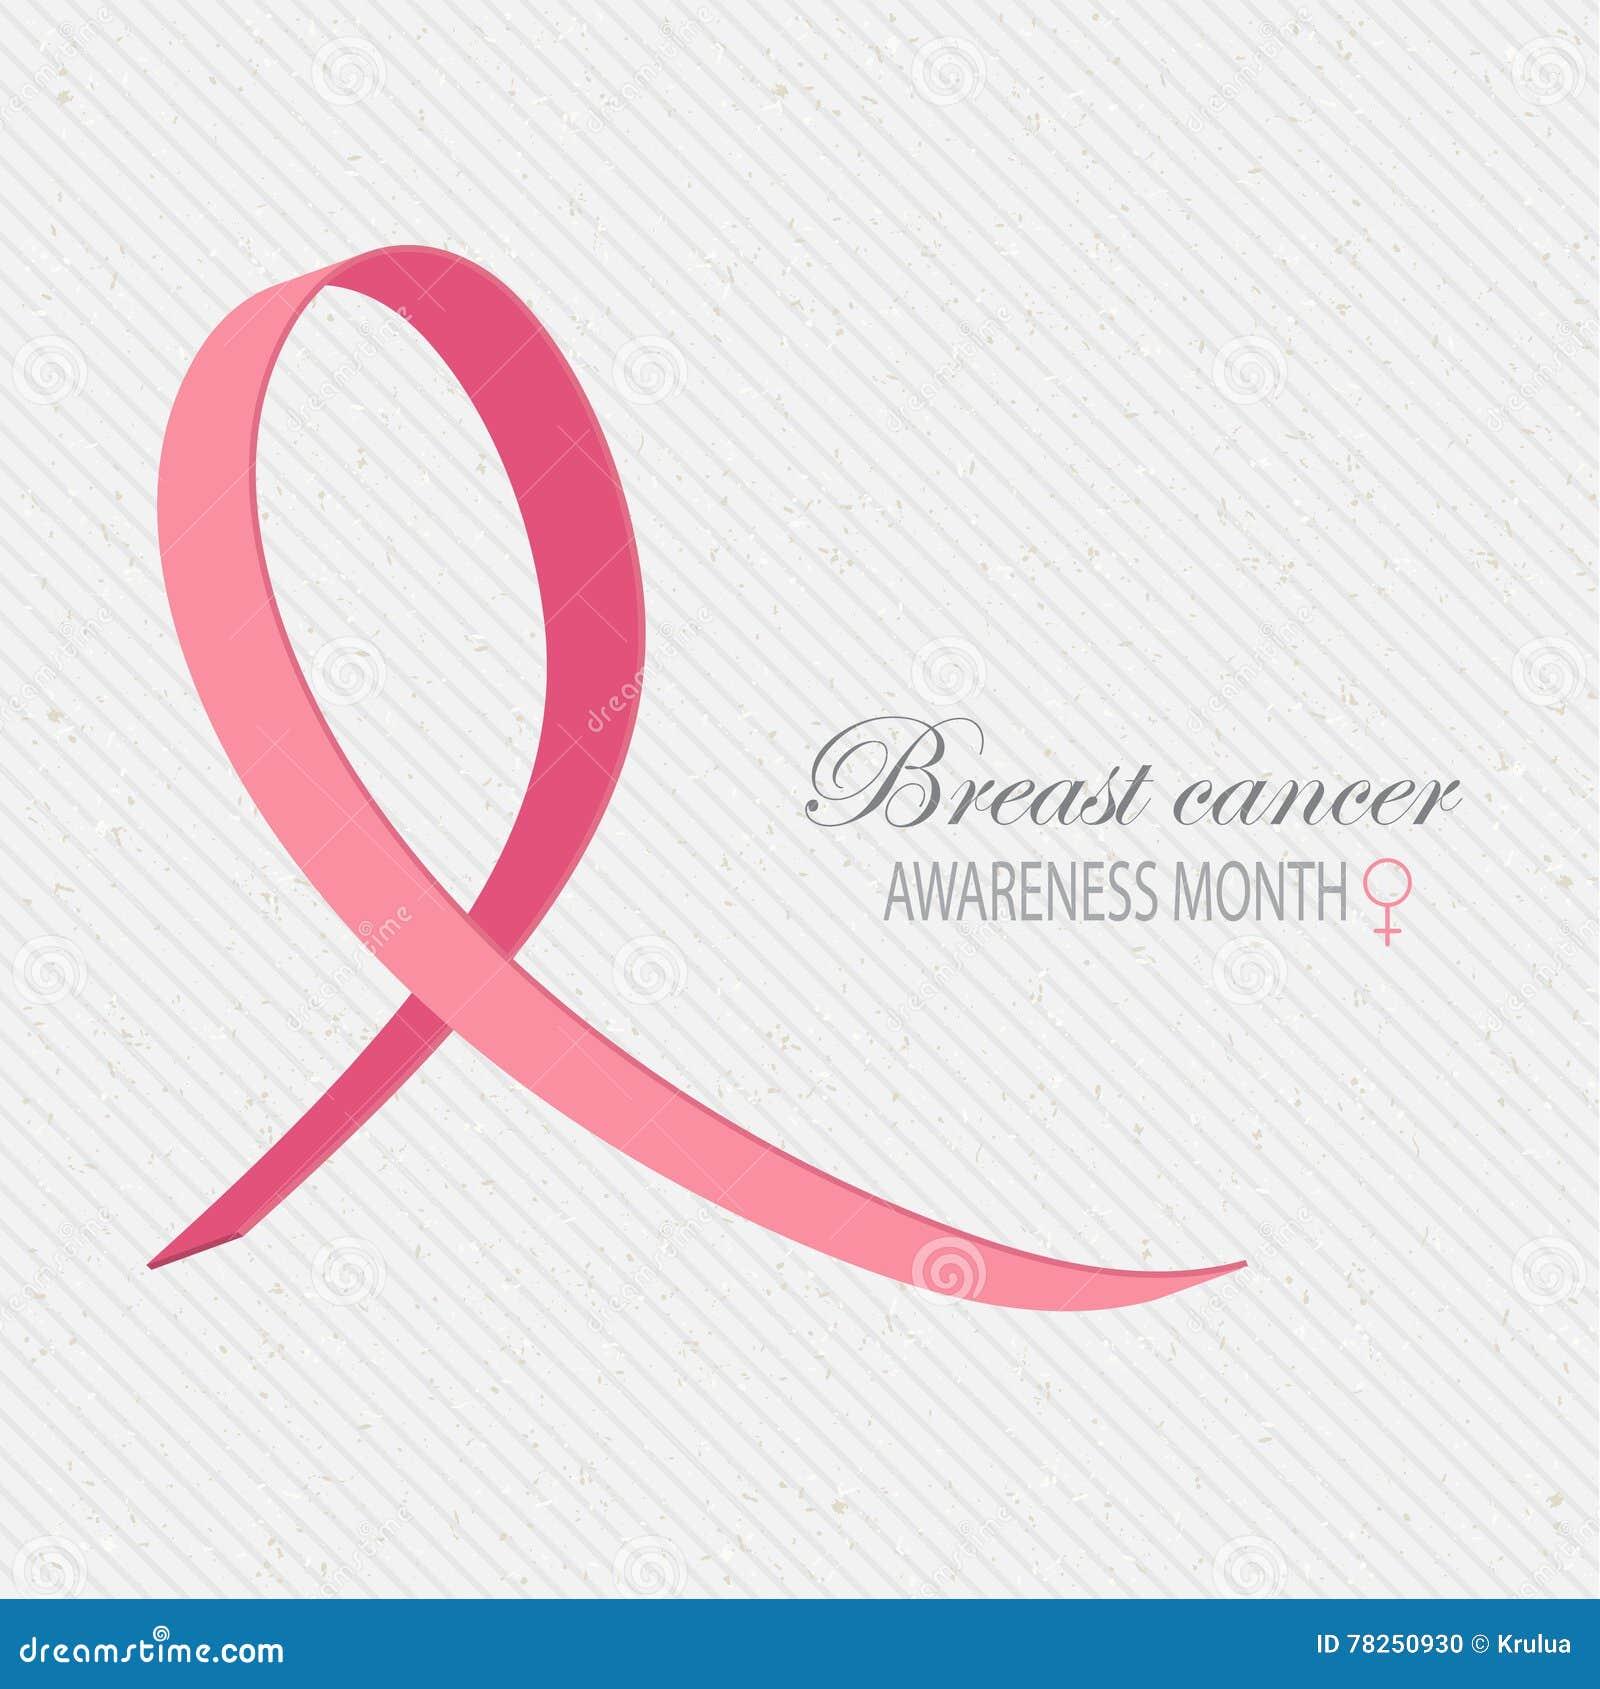 Υπόβαθρο συνειδητοποίησης καρκίνου του μαστού